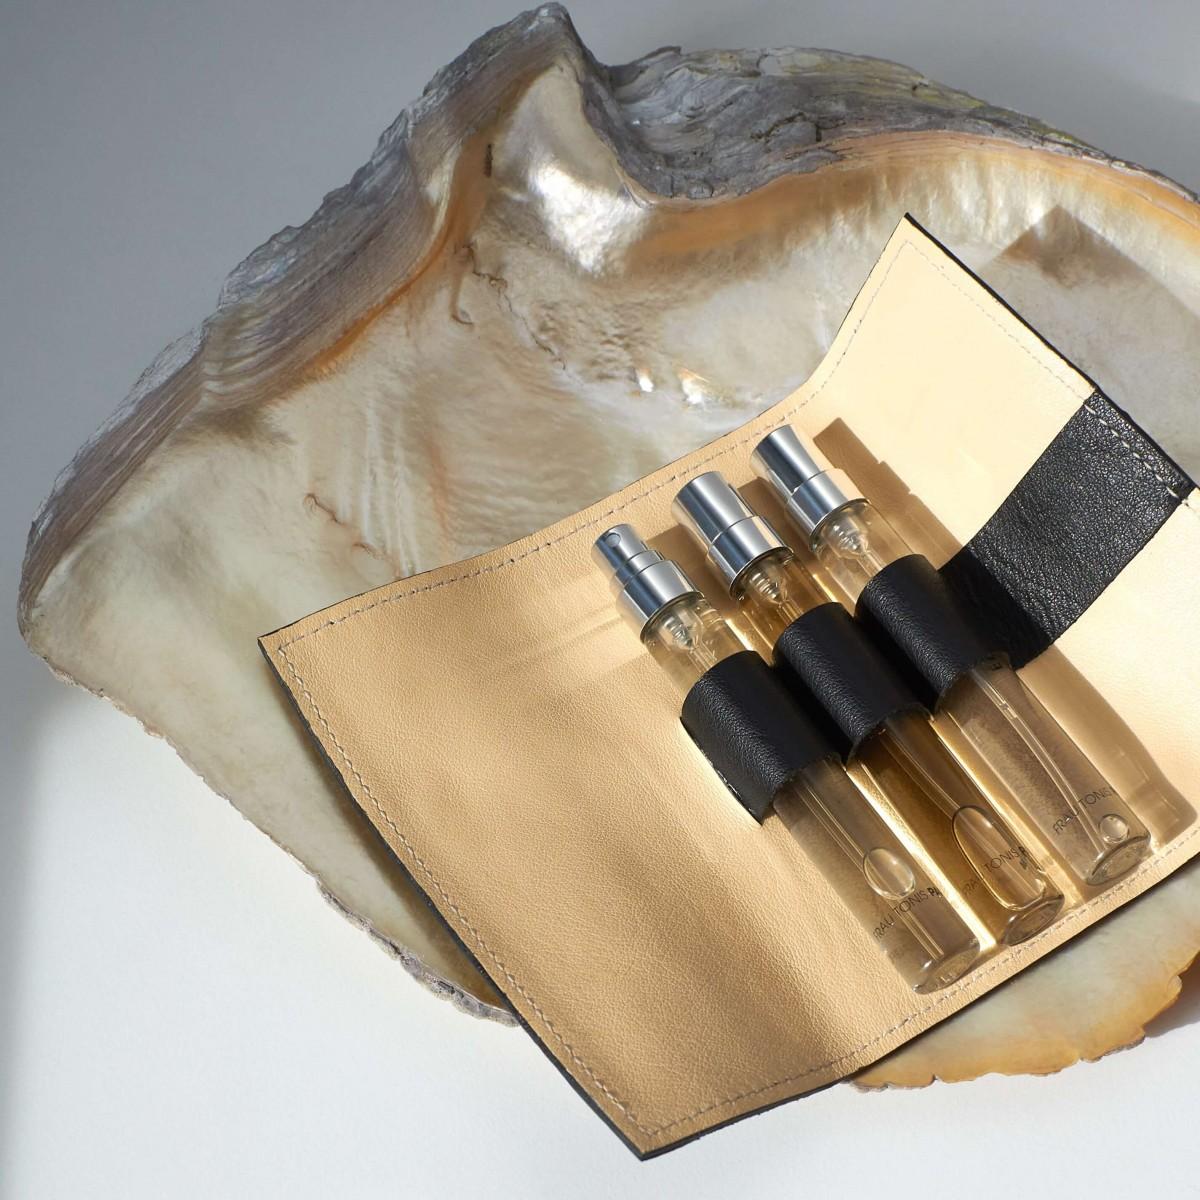 """Parfum-Etui """"CASE"""" Black inkl. 3x7,5ml EdP by Frau Tonis Parfum"""